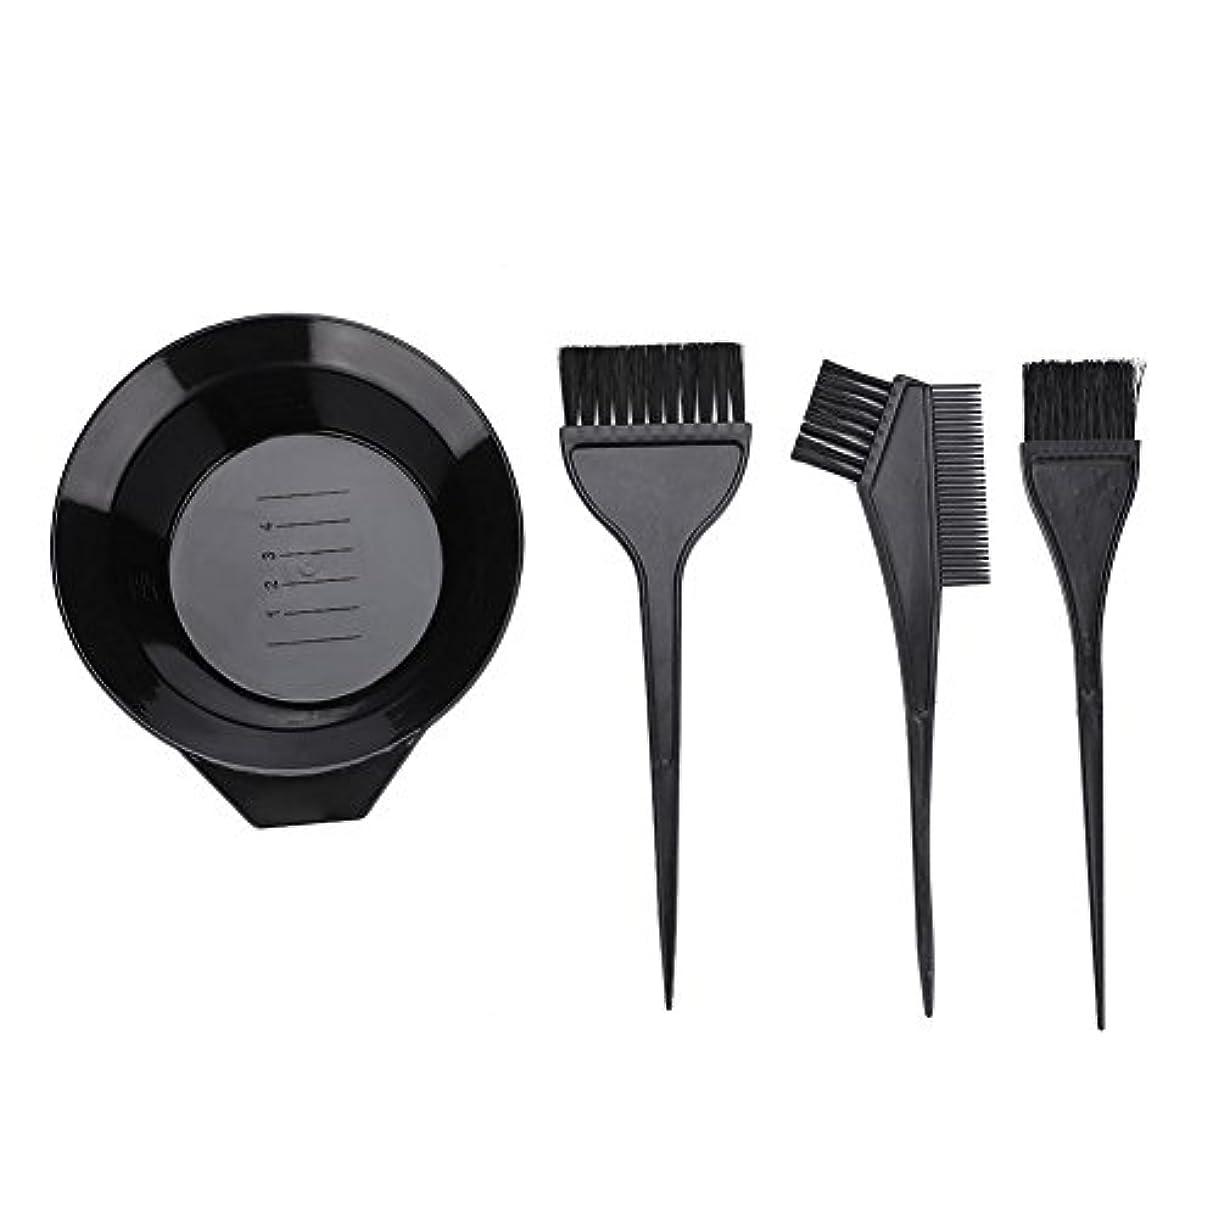 オーロックエミュレートする肥満4本のヘアカラーリングツールセット、プロフェッショナルヘアサロン染色パーマツール